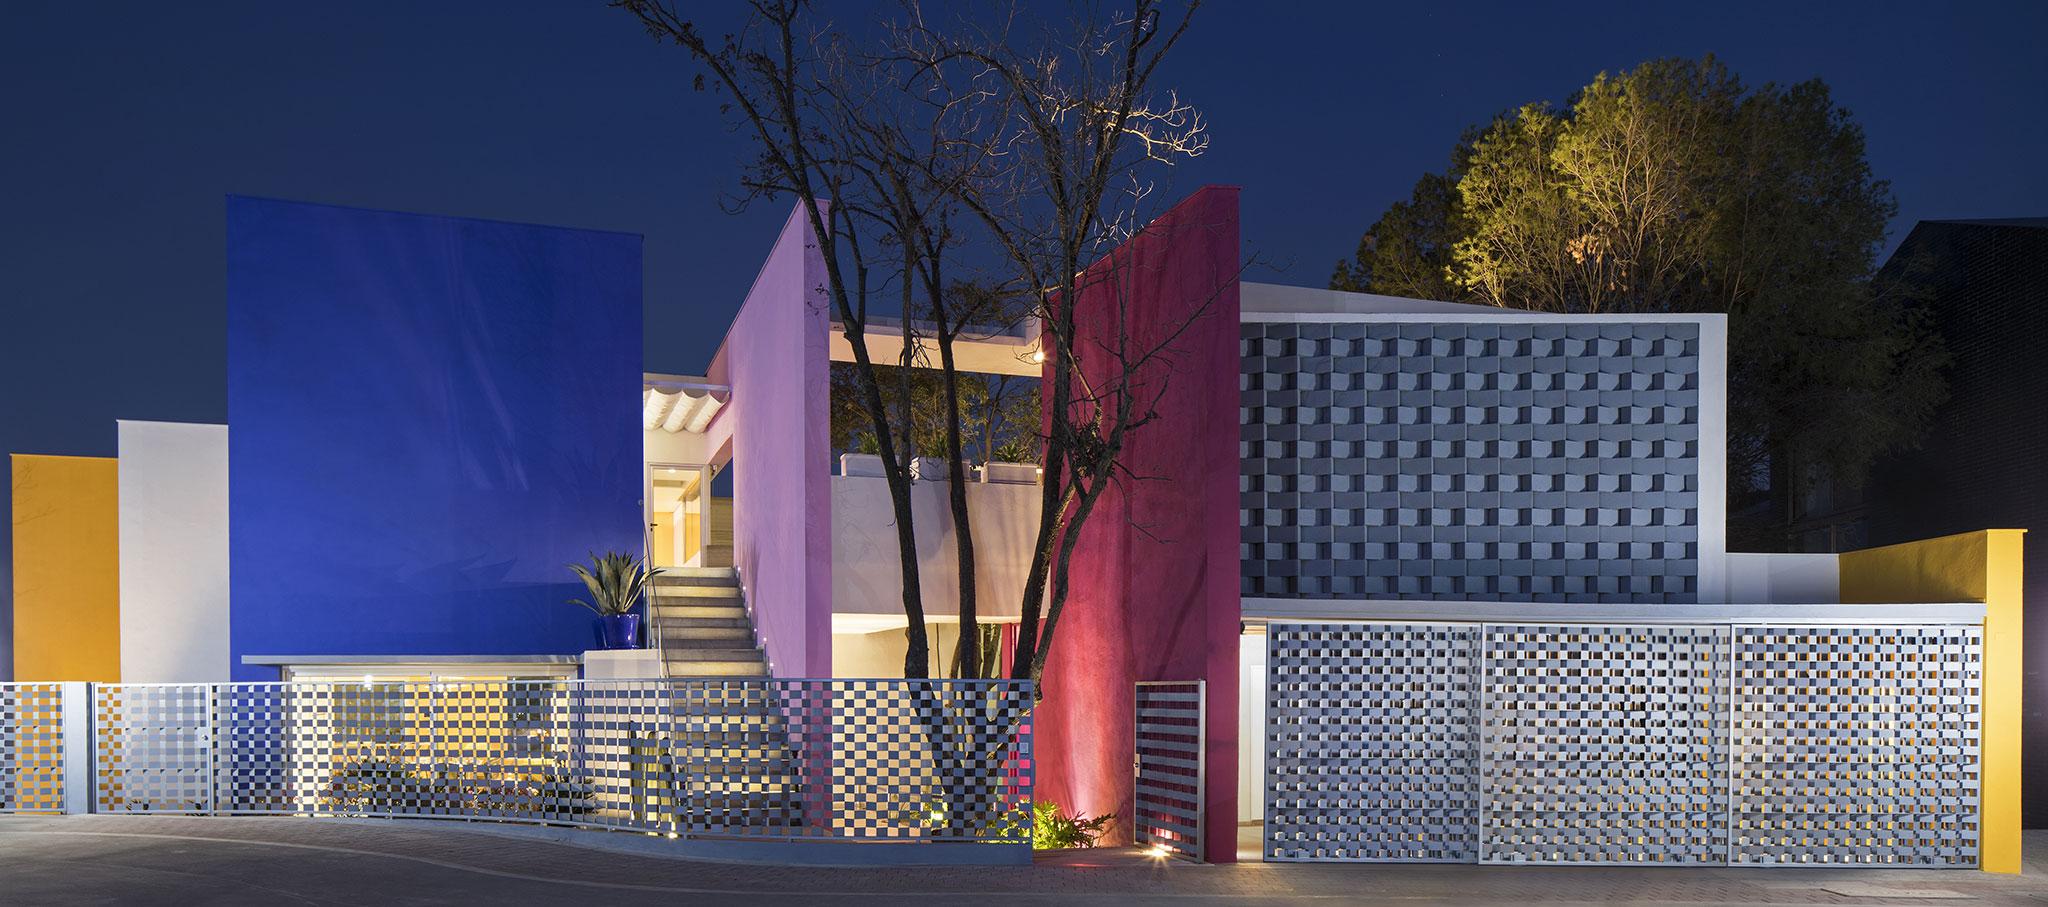 Vista nocturna exterior. Casa TEC 205 por Moneo Brock Studio. Fotografía © Adrián Llaguno